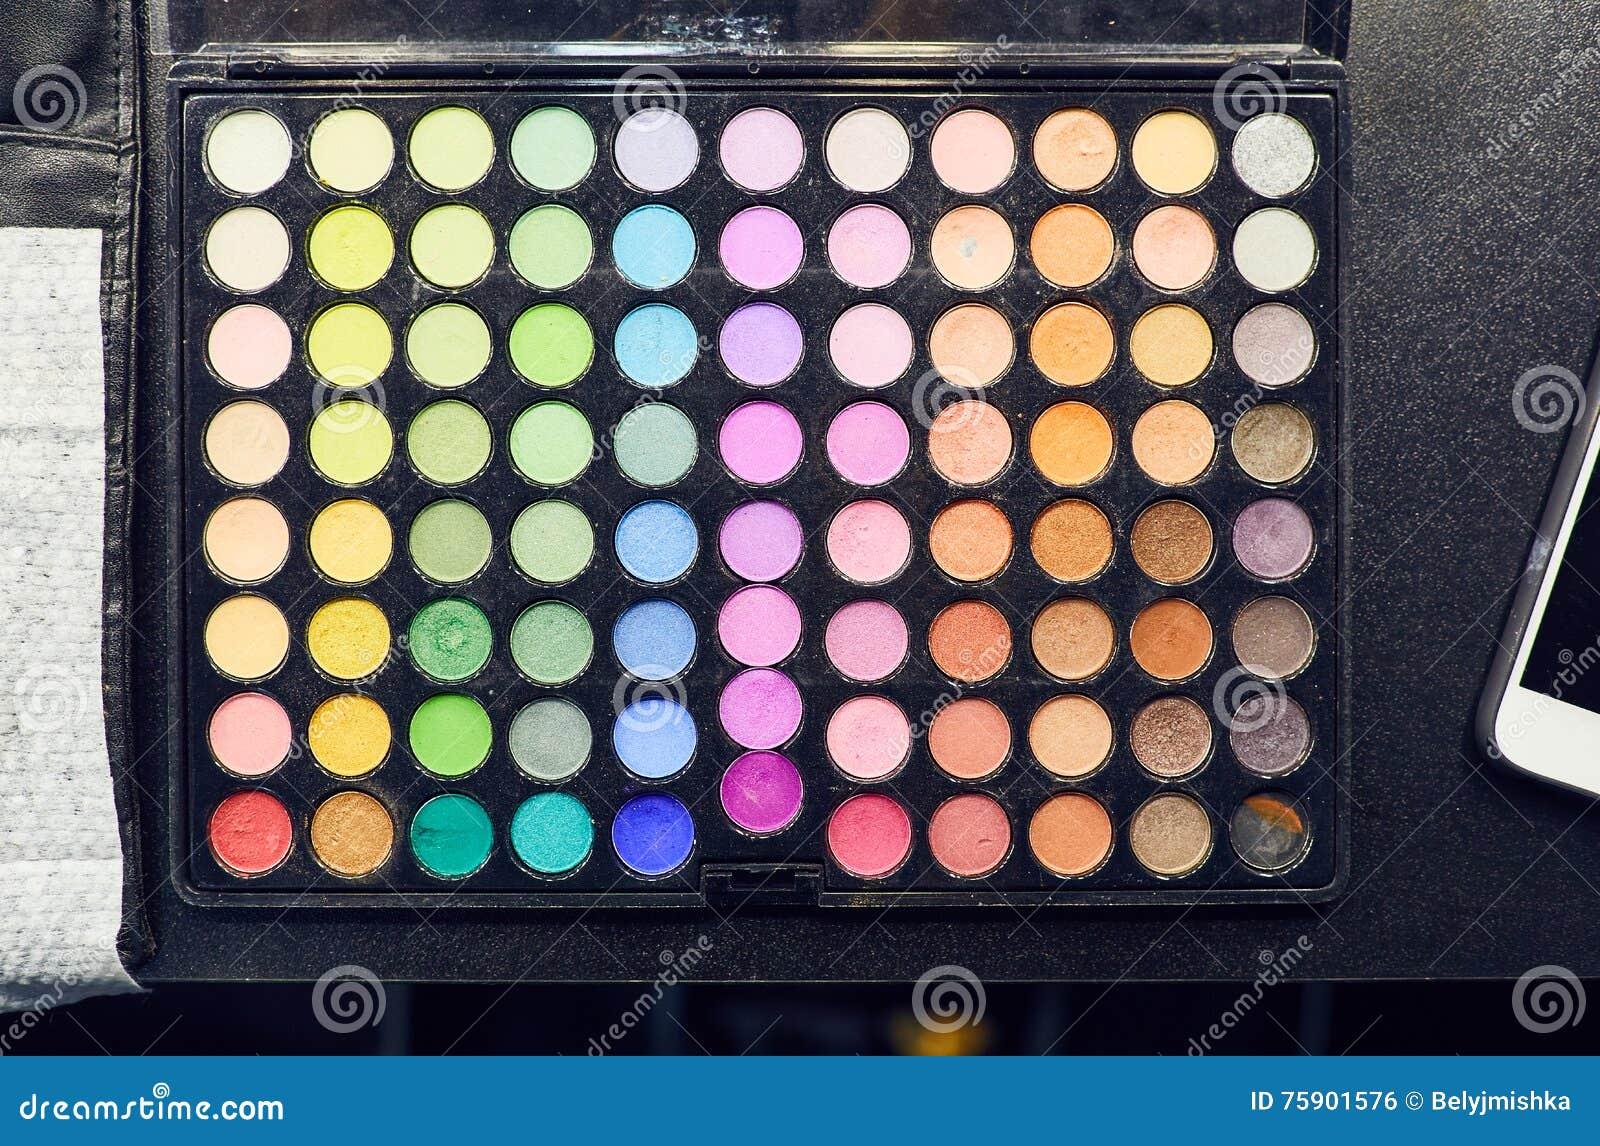 bästa ögonskugga palett